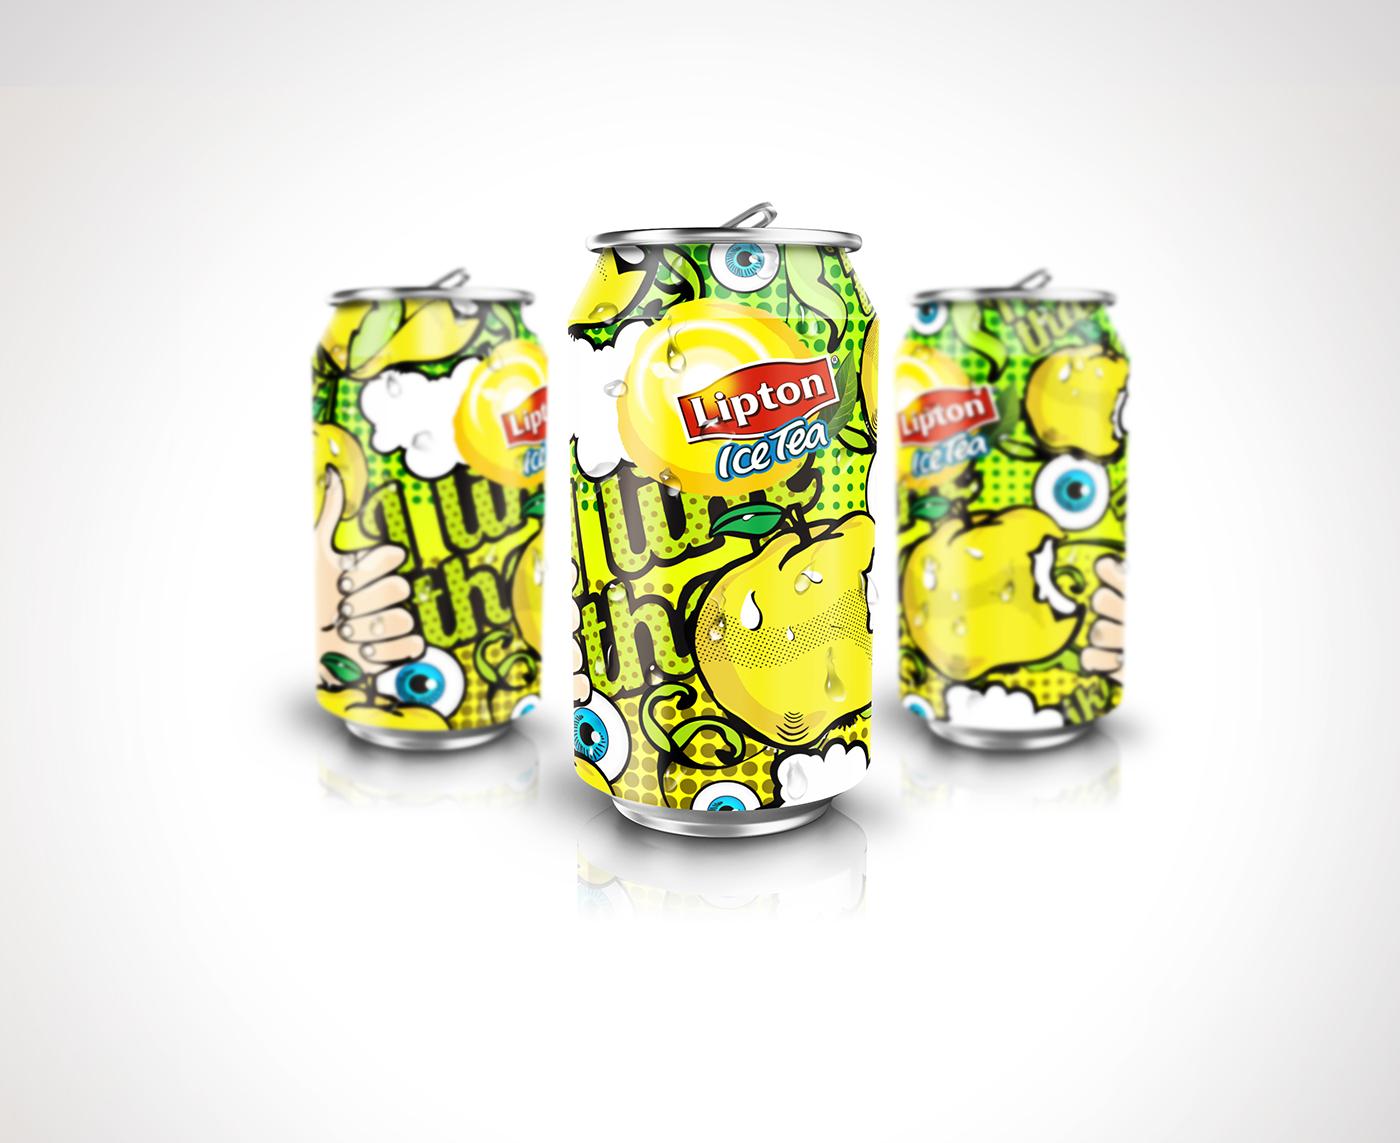 立顿苹果冰茶易拉罐手绘插画包装设计-上海饮料包装设计公司分享0